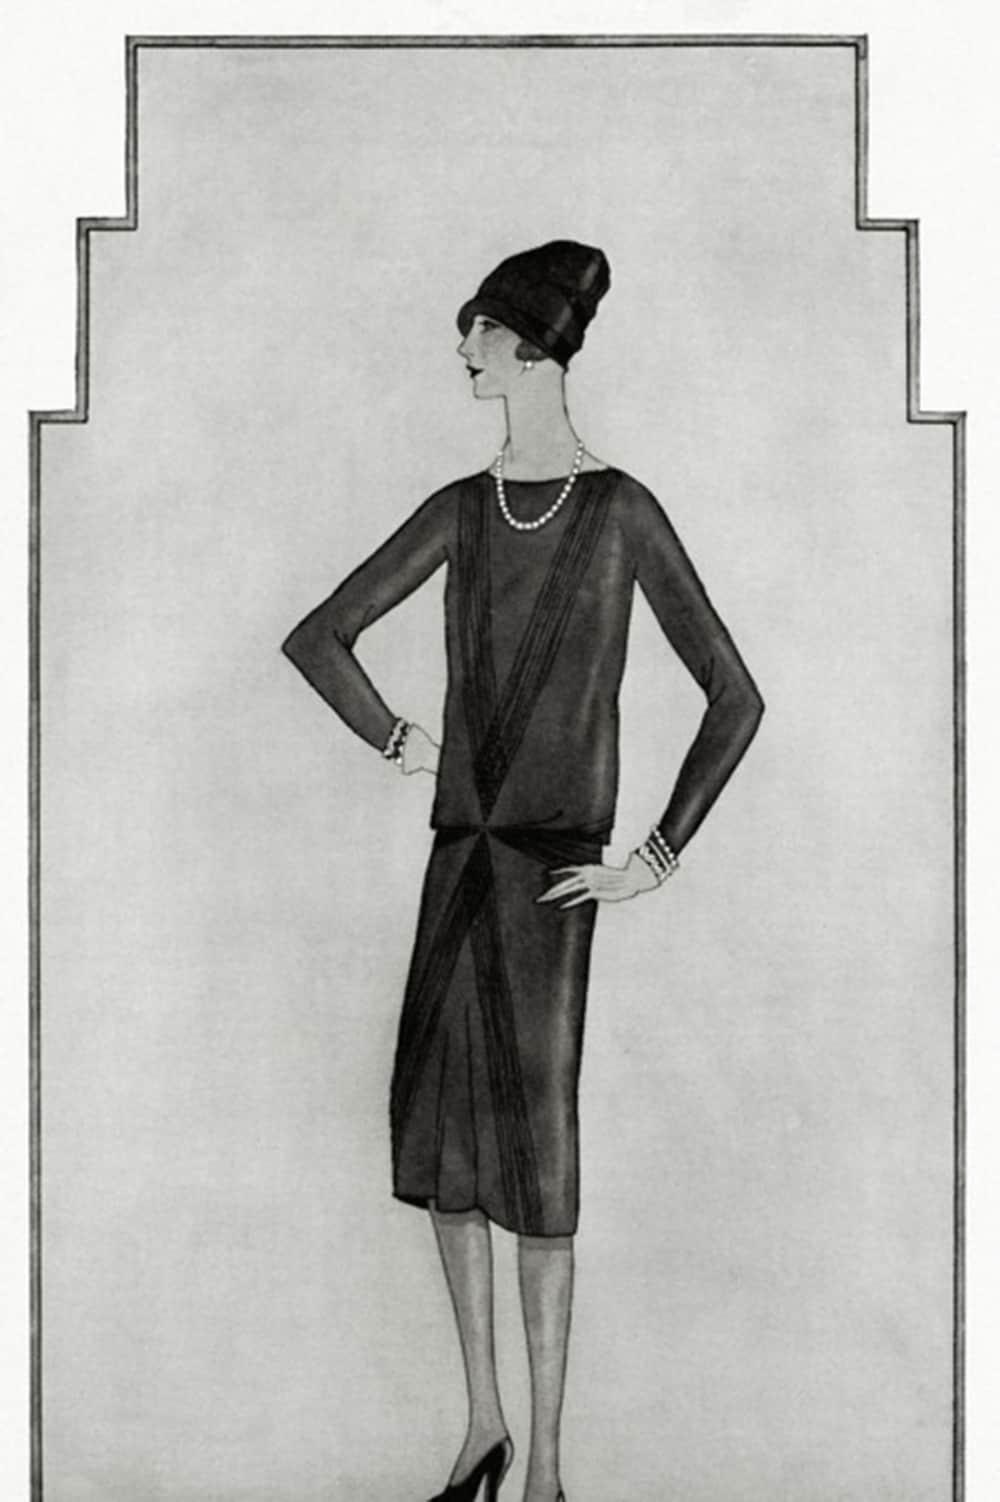 Chanel's Little Black Dress.